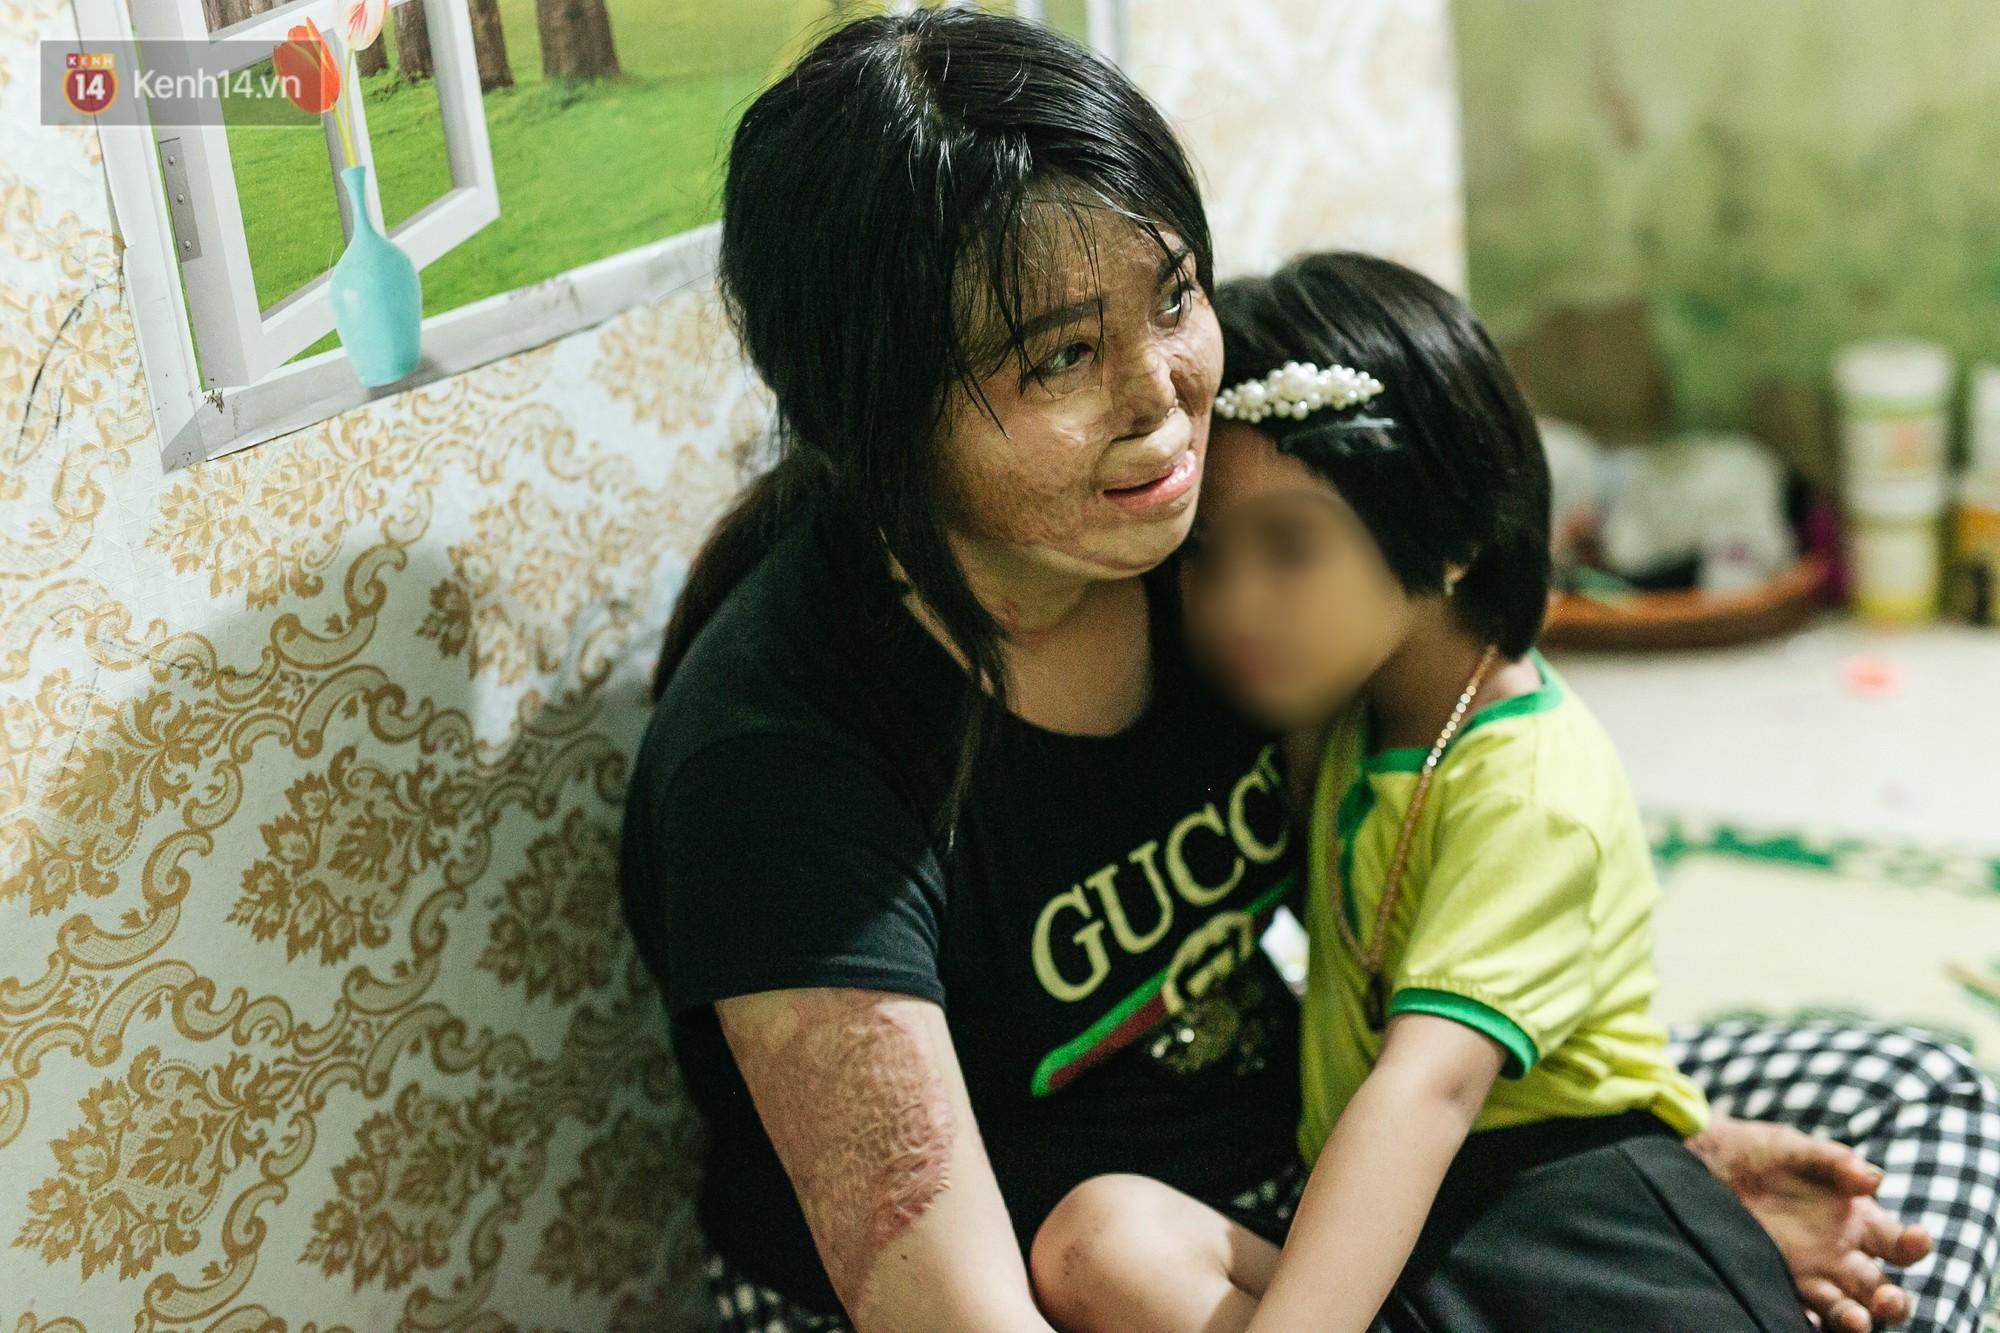 Cô gái trẻ bị chồng tưới xăng thiêu sống và lá thư muộn màng từ trại giam: Gần 3 năm anh chưa một lần dám viết thư cho em và hai con...-13